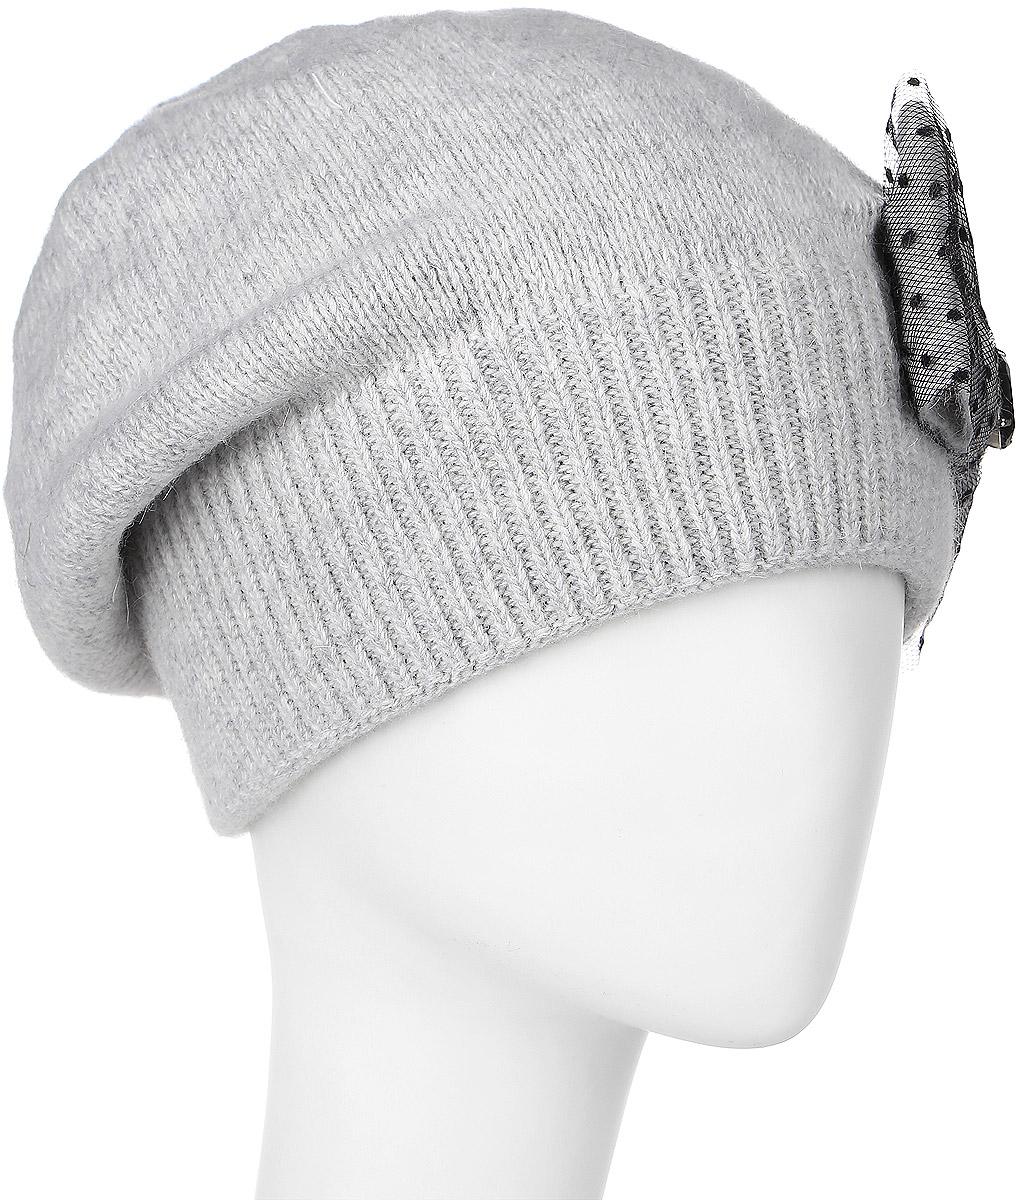 Шапка261881L-59Элегантная женская шапка Vittorio Richi отлично дополнит ваш образ в холодную погоду. Сочетание шерсти, ангоры и полиамида сохраняет тепло и обеспечивает удобную посадку, невероятную легкость и мягкость. Шапка по низу выполнена вязанной резинкой. Оформлена модель оригинальным бантом, который драпирован гипюром и дополнен декоративным камнем. Модель составит идеальный комплект с модной верхней одеждой, в ней вам будет уютно и тепло. Уважаемые клиенты! Размер, доступный для заказа, является обхватом головы.